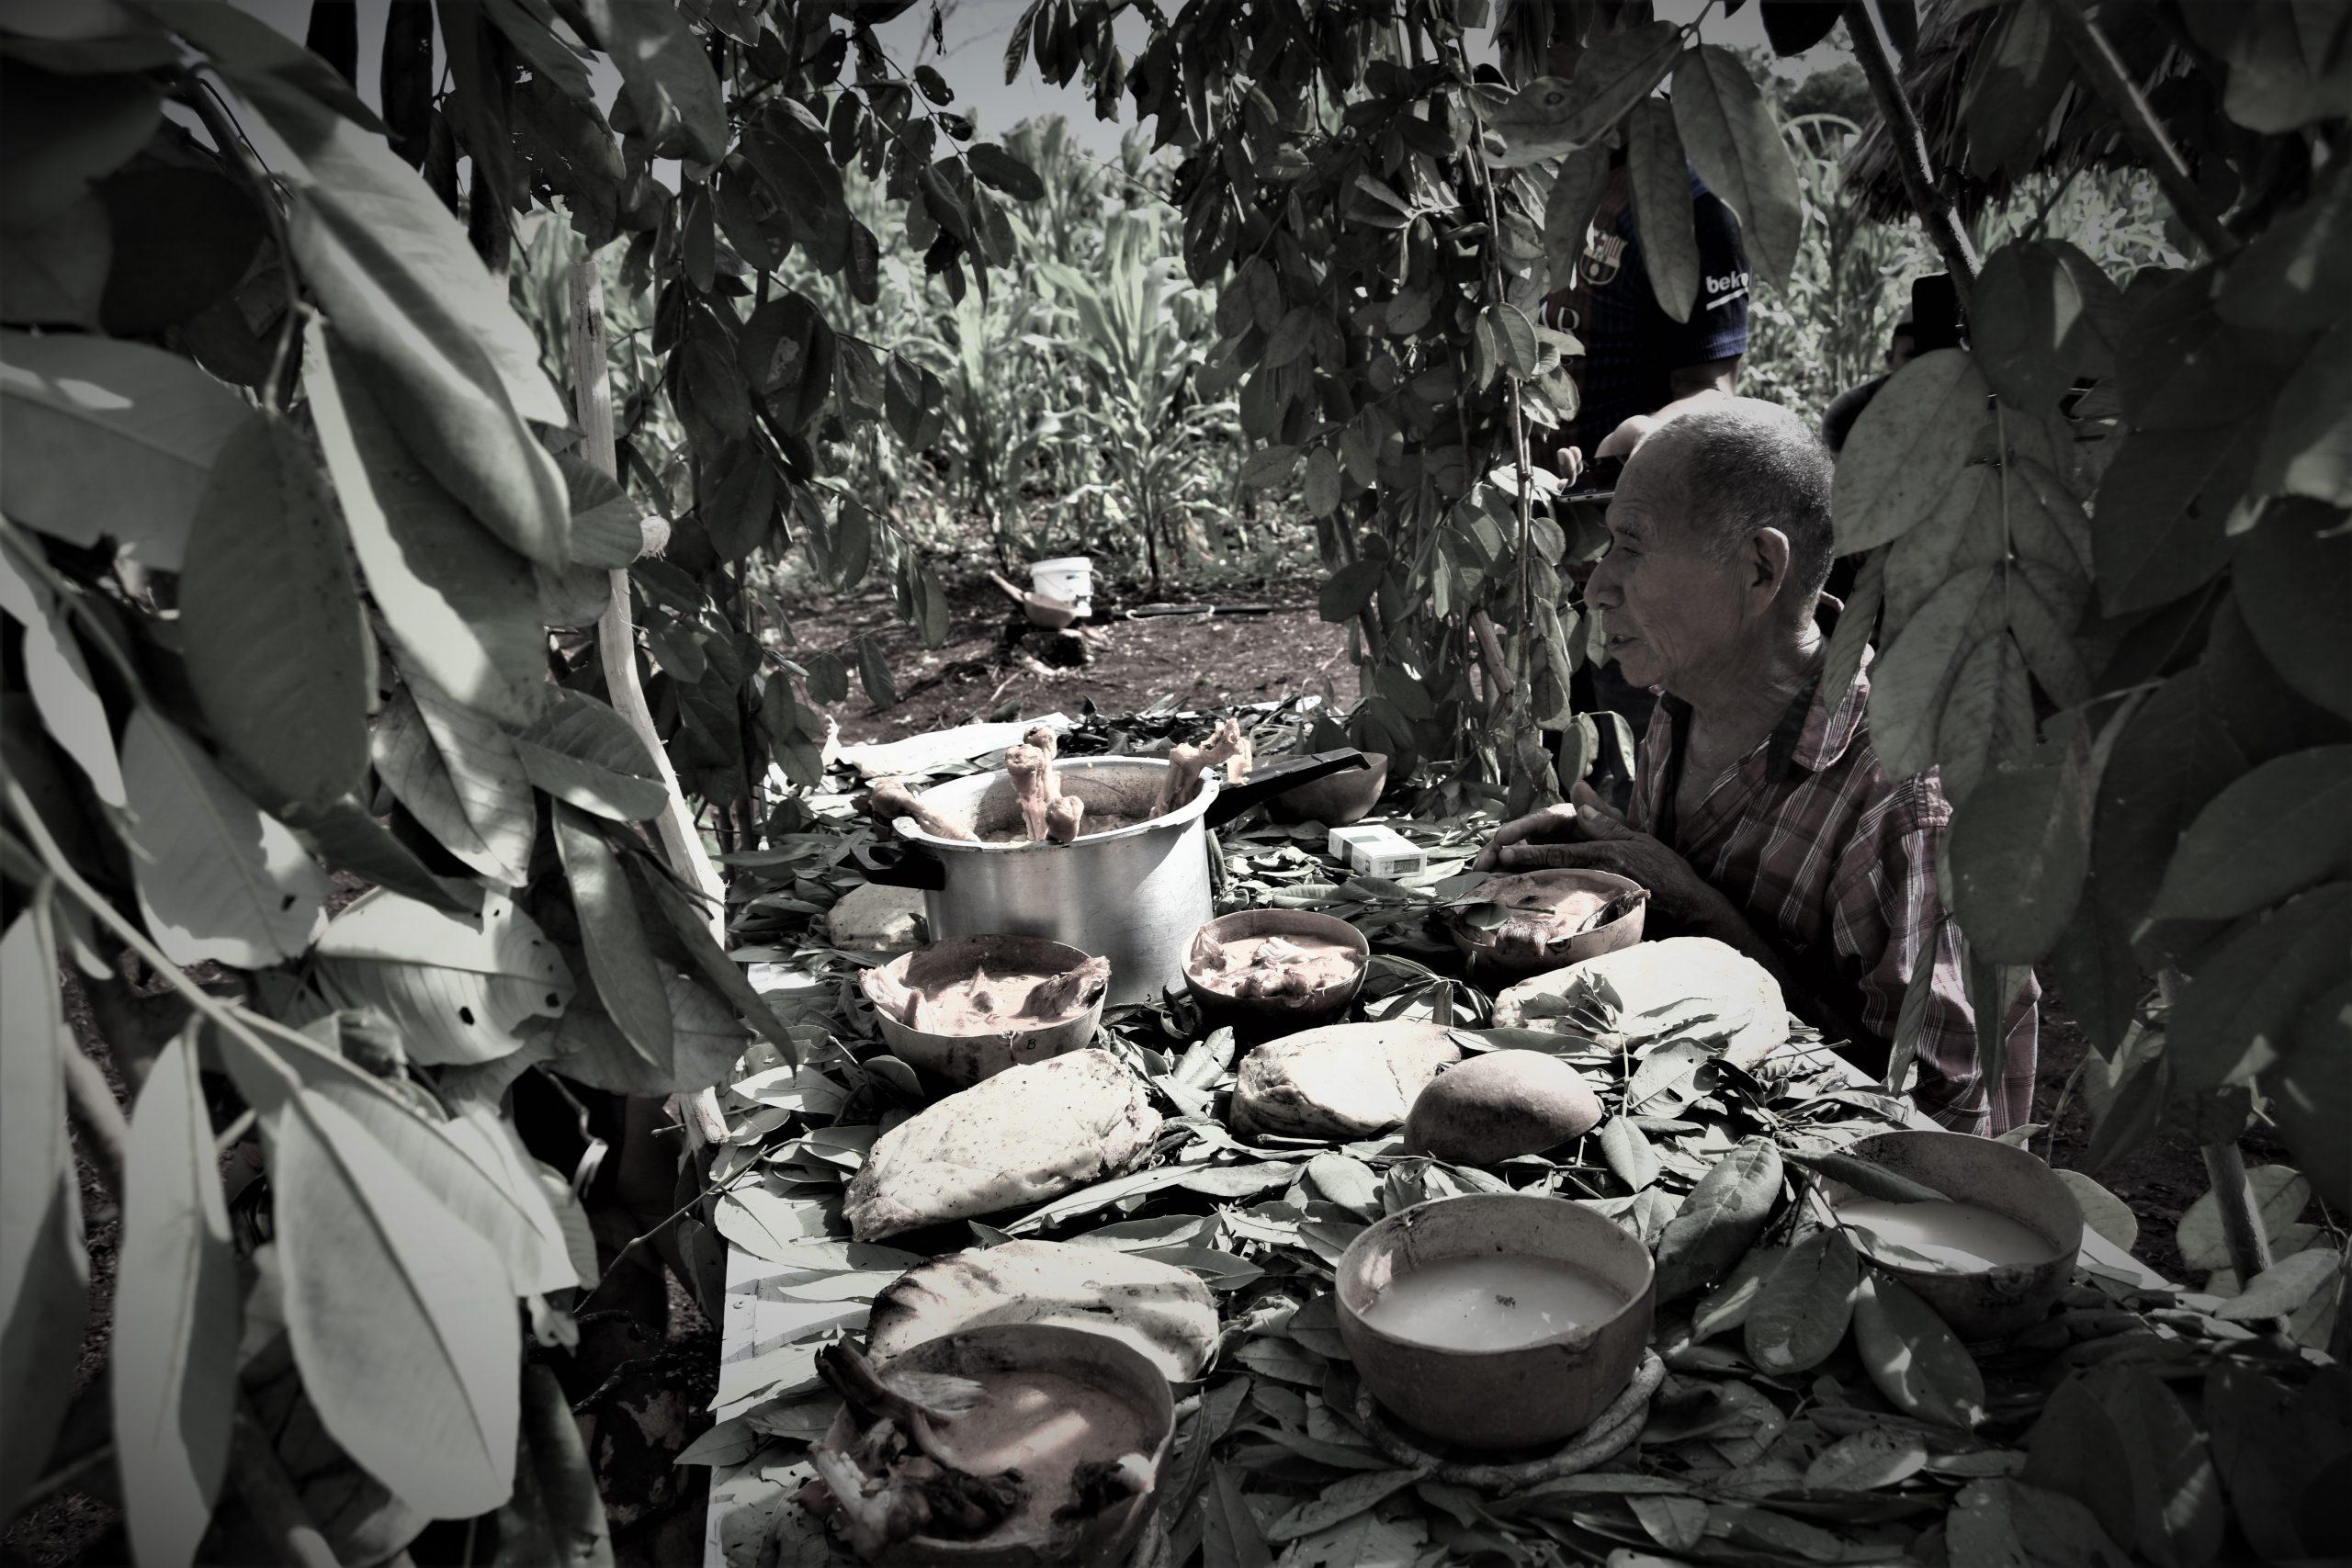 Cuando-el-jmen-suplica-y-entrega-los-panes-sagrados-en-la-ceremonia-scaled.jpg